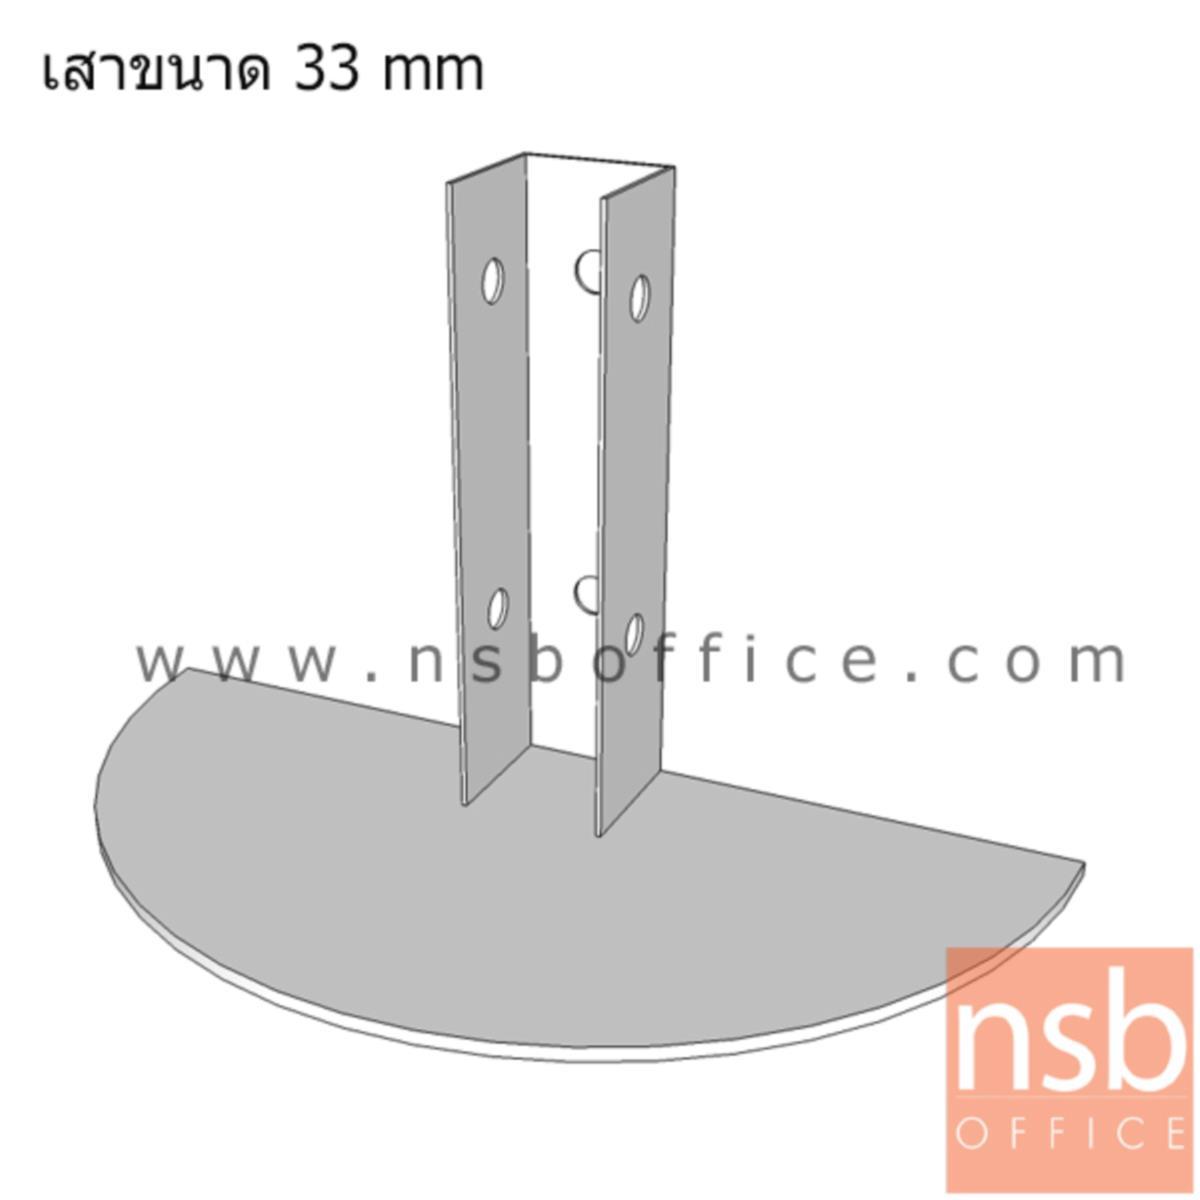 ขารุ่นครึ่งวงกลม 25Di cm (สำหรับวางชิดกำแพง) ขนาดเสา 33x33 mm.